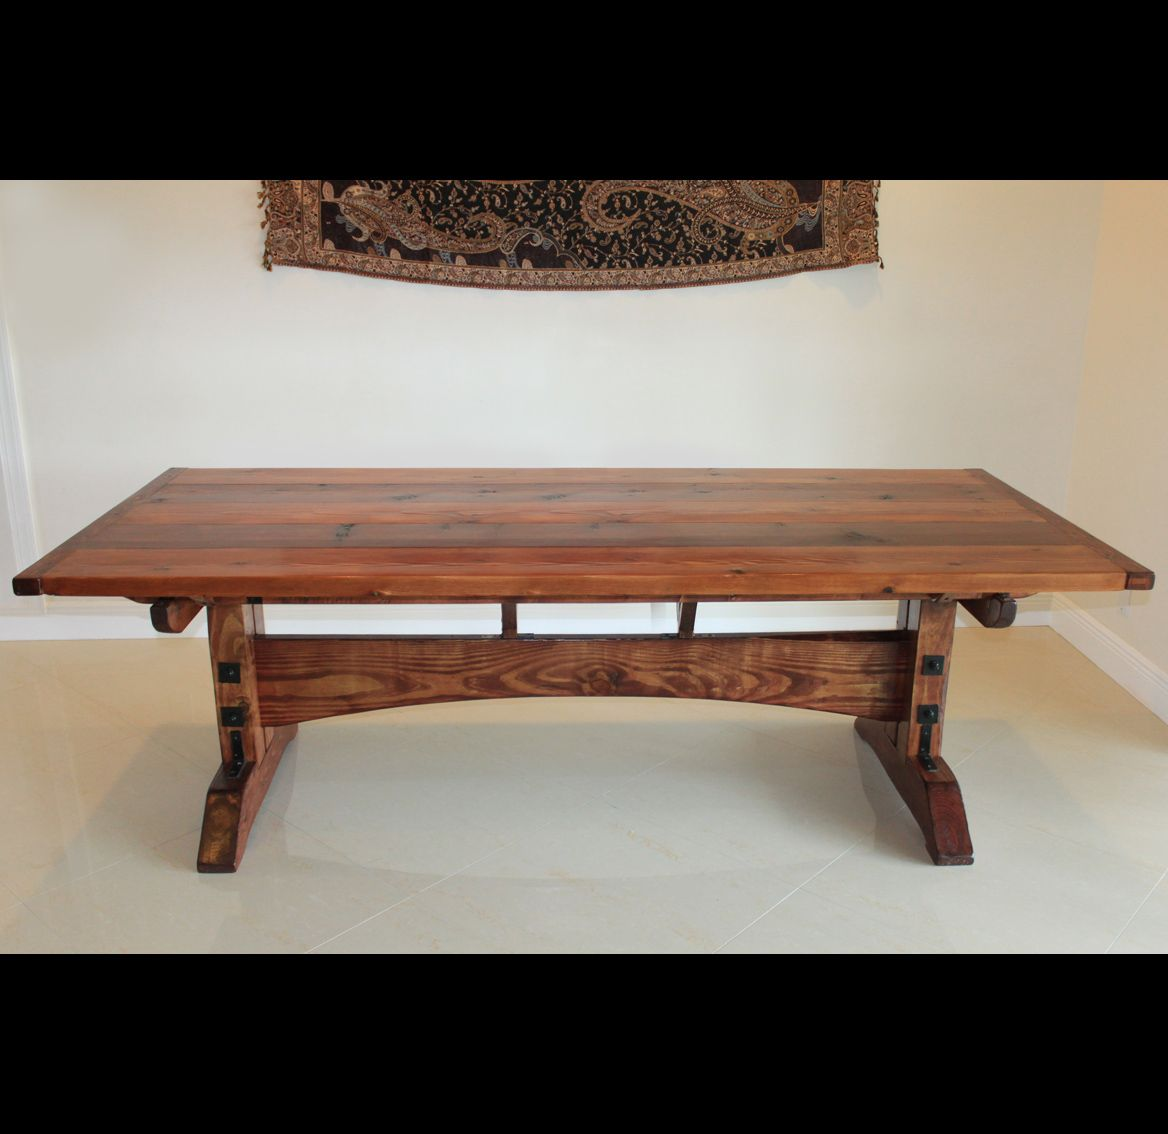 Custom Built Dining Room Tables: Handmade Rustic Dining Table By Fine Dining Table